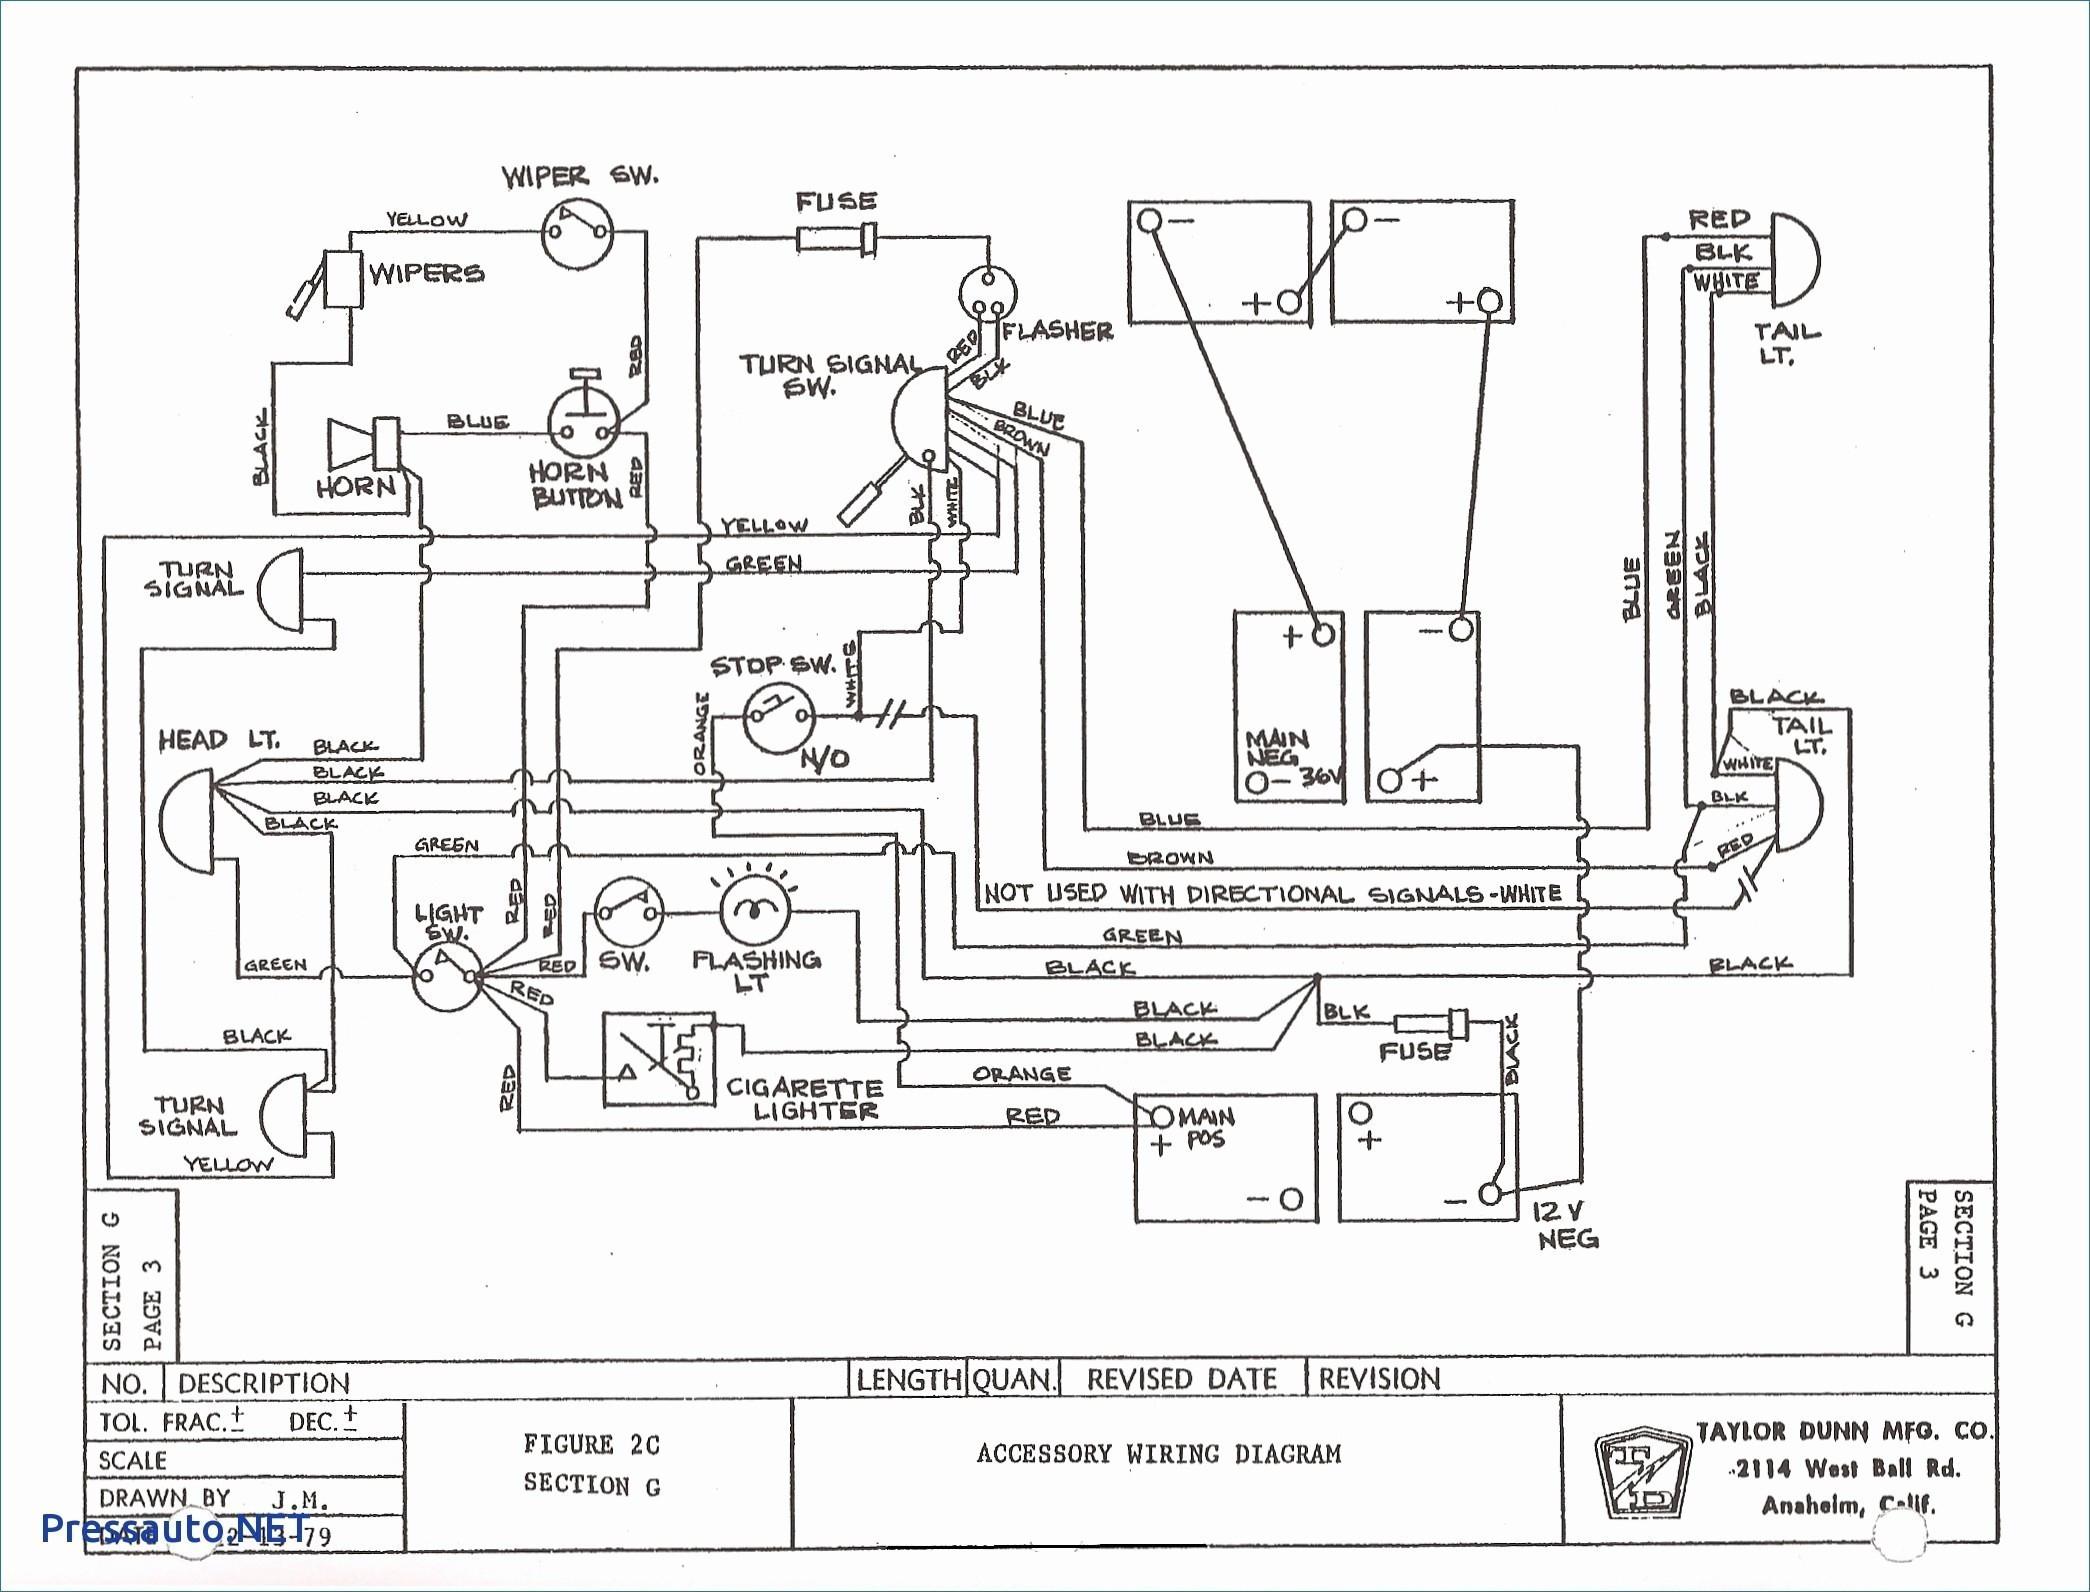 1990 Club Car Battery Wiring Diagram 36 Volt - Zookastar - Club Car Wiring Diagram 36 Volt